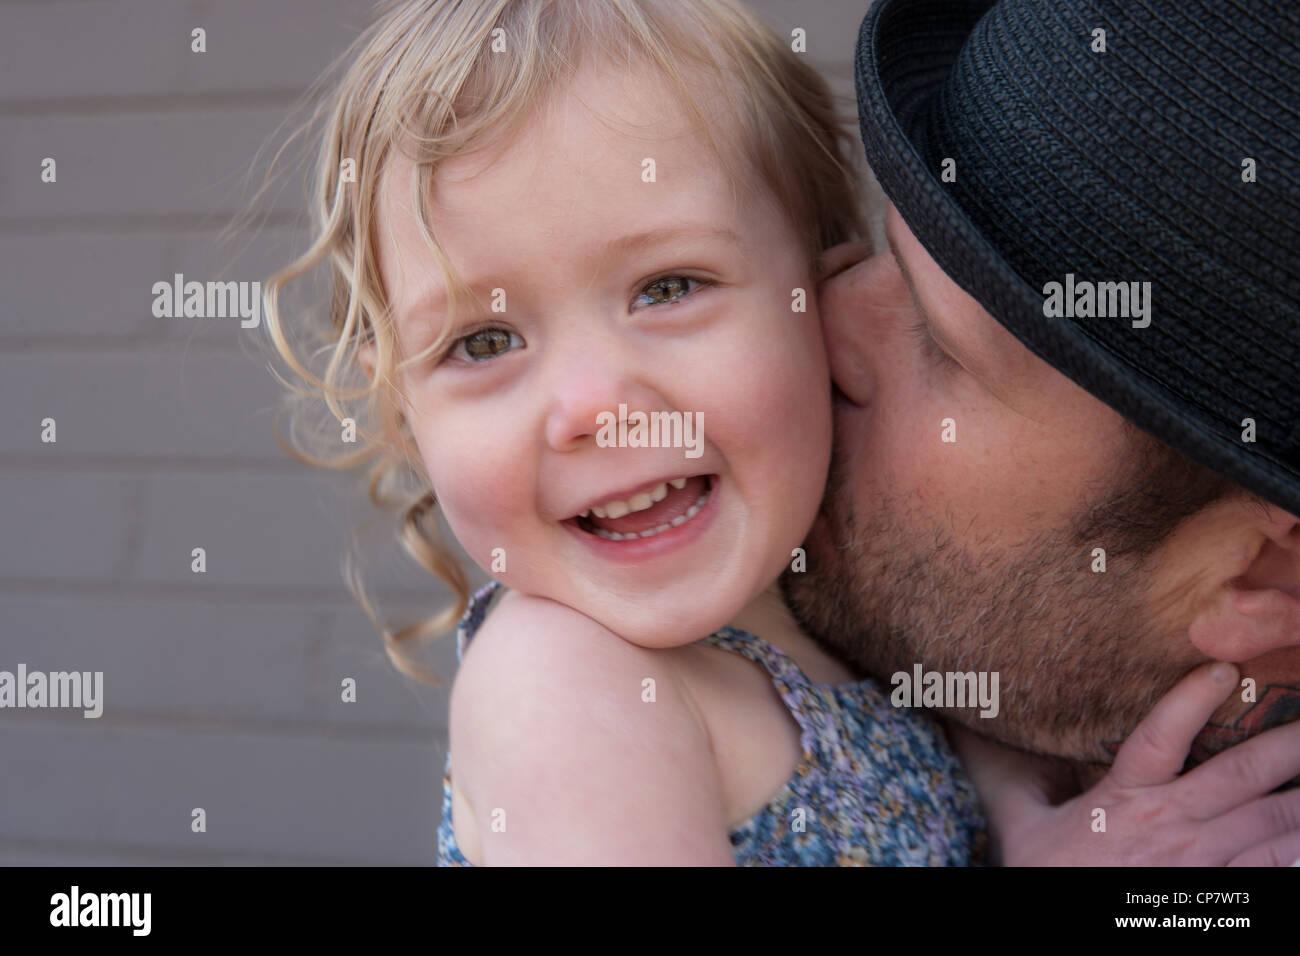 Due adorabili anno vecchia ragazza Ride come il suo papà bacia il collo, vicino. Immagini Stock